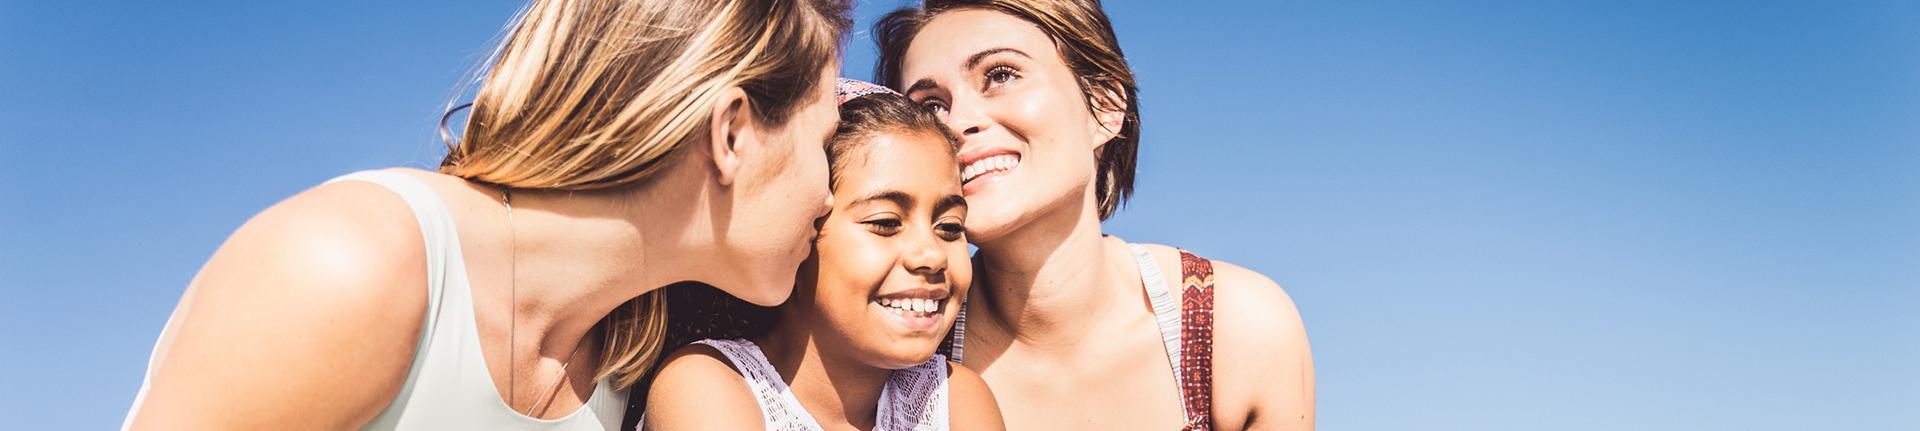 Família é mesmo o seu porto seguro?